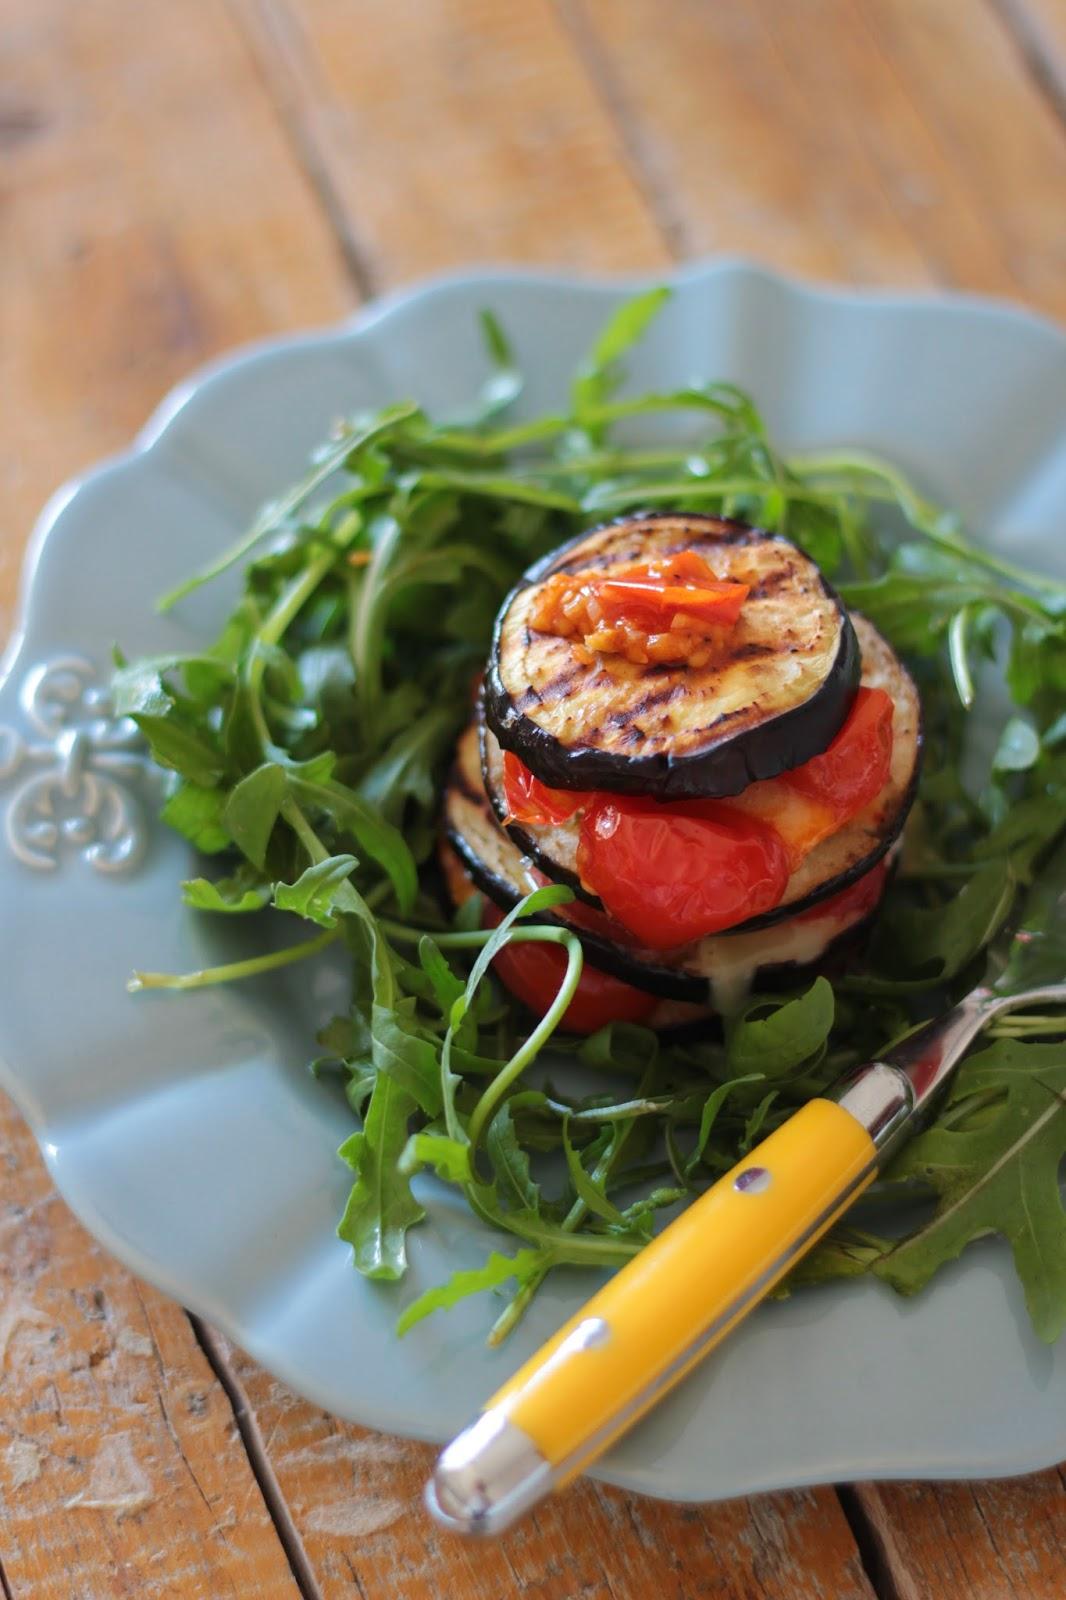 Beringela Grelhada com Tomate Cereja e Queijo fresco IMG_4264